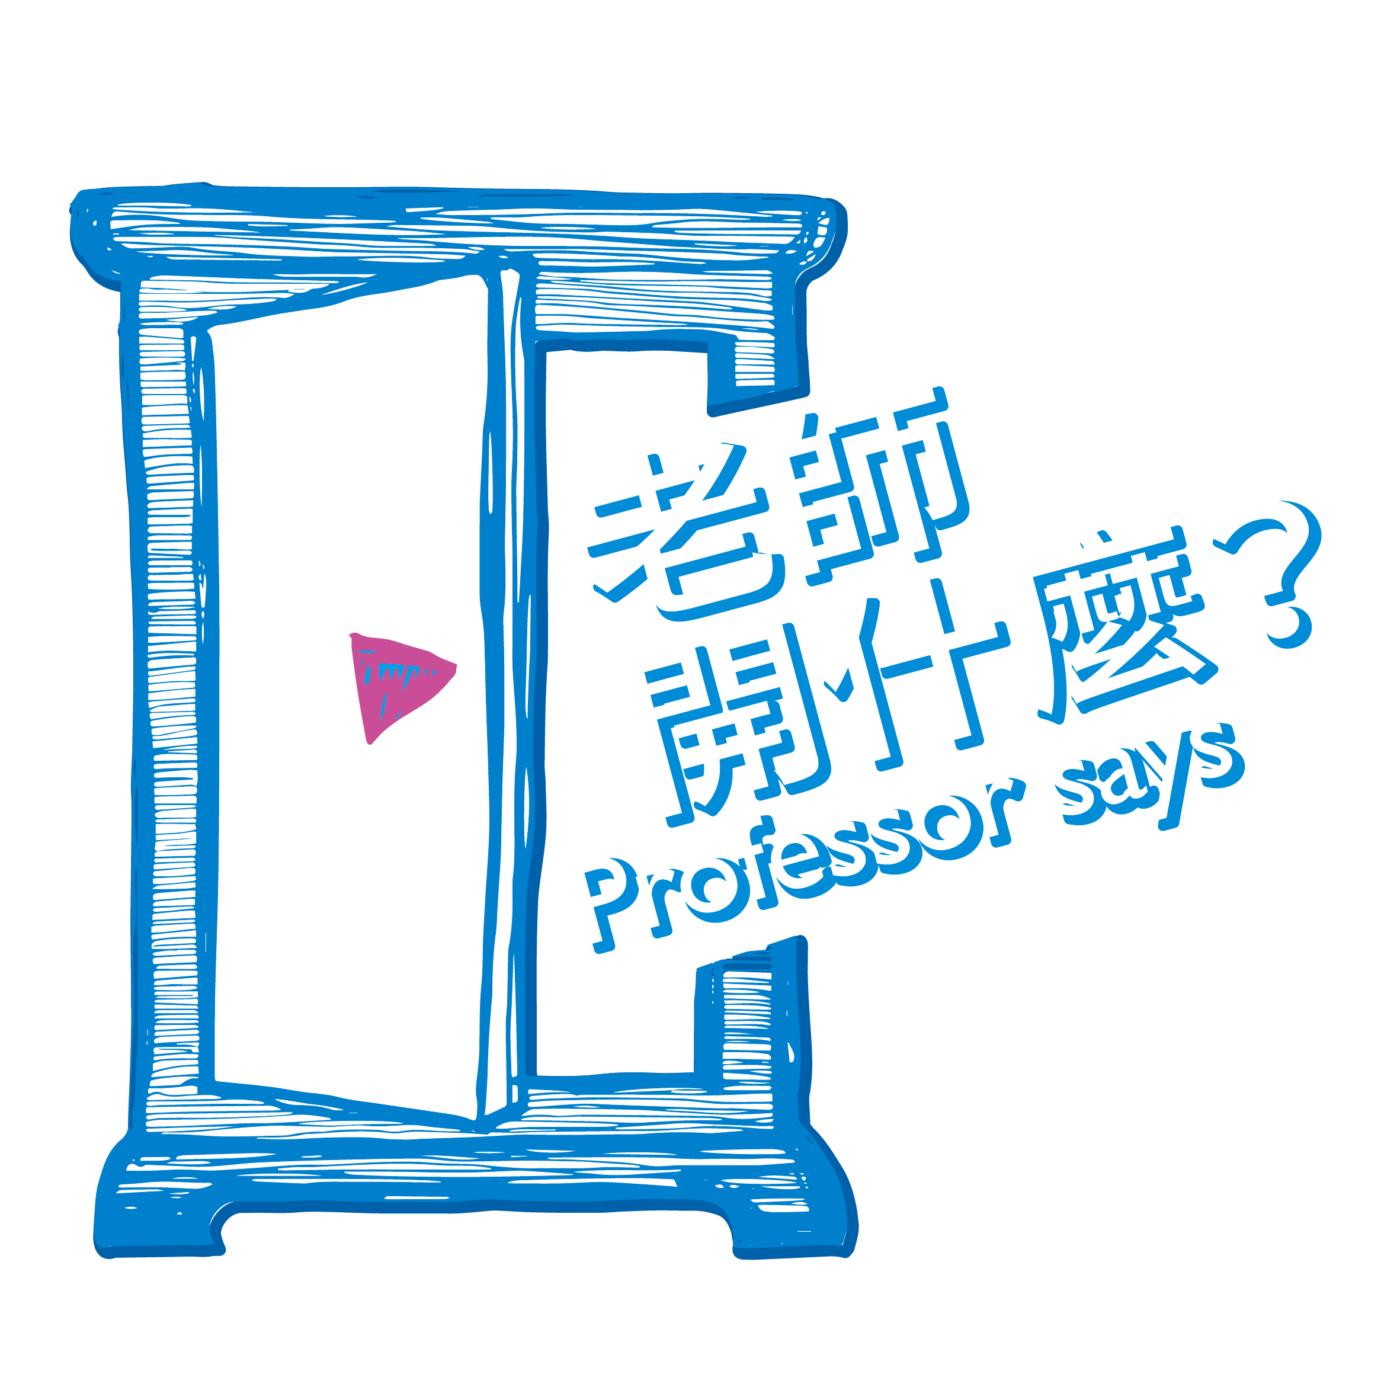 老師開什麼?Professor Says